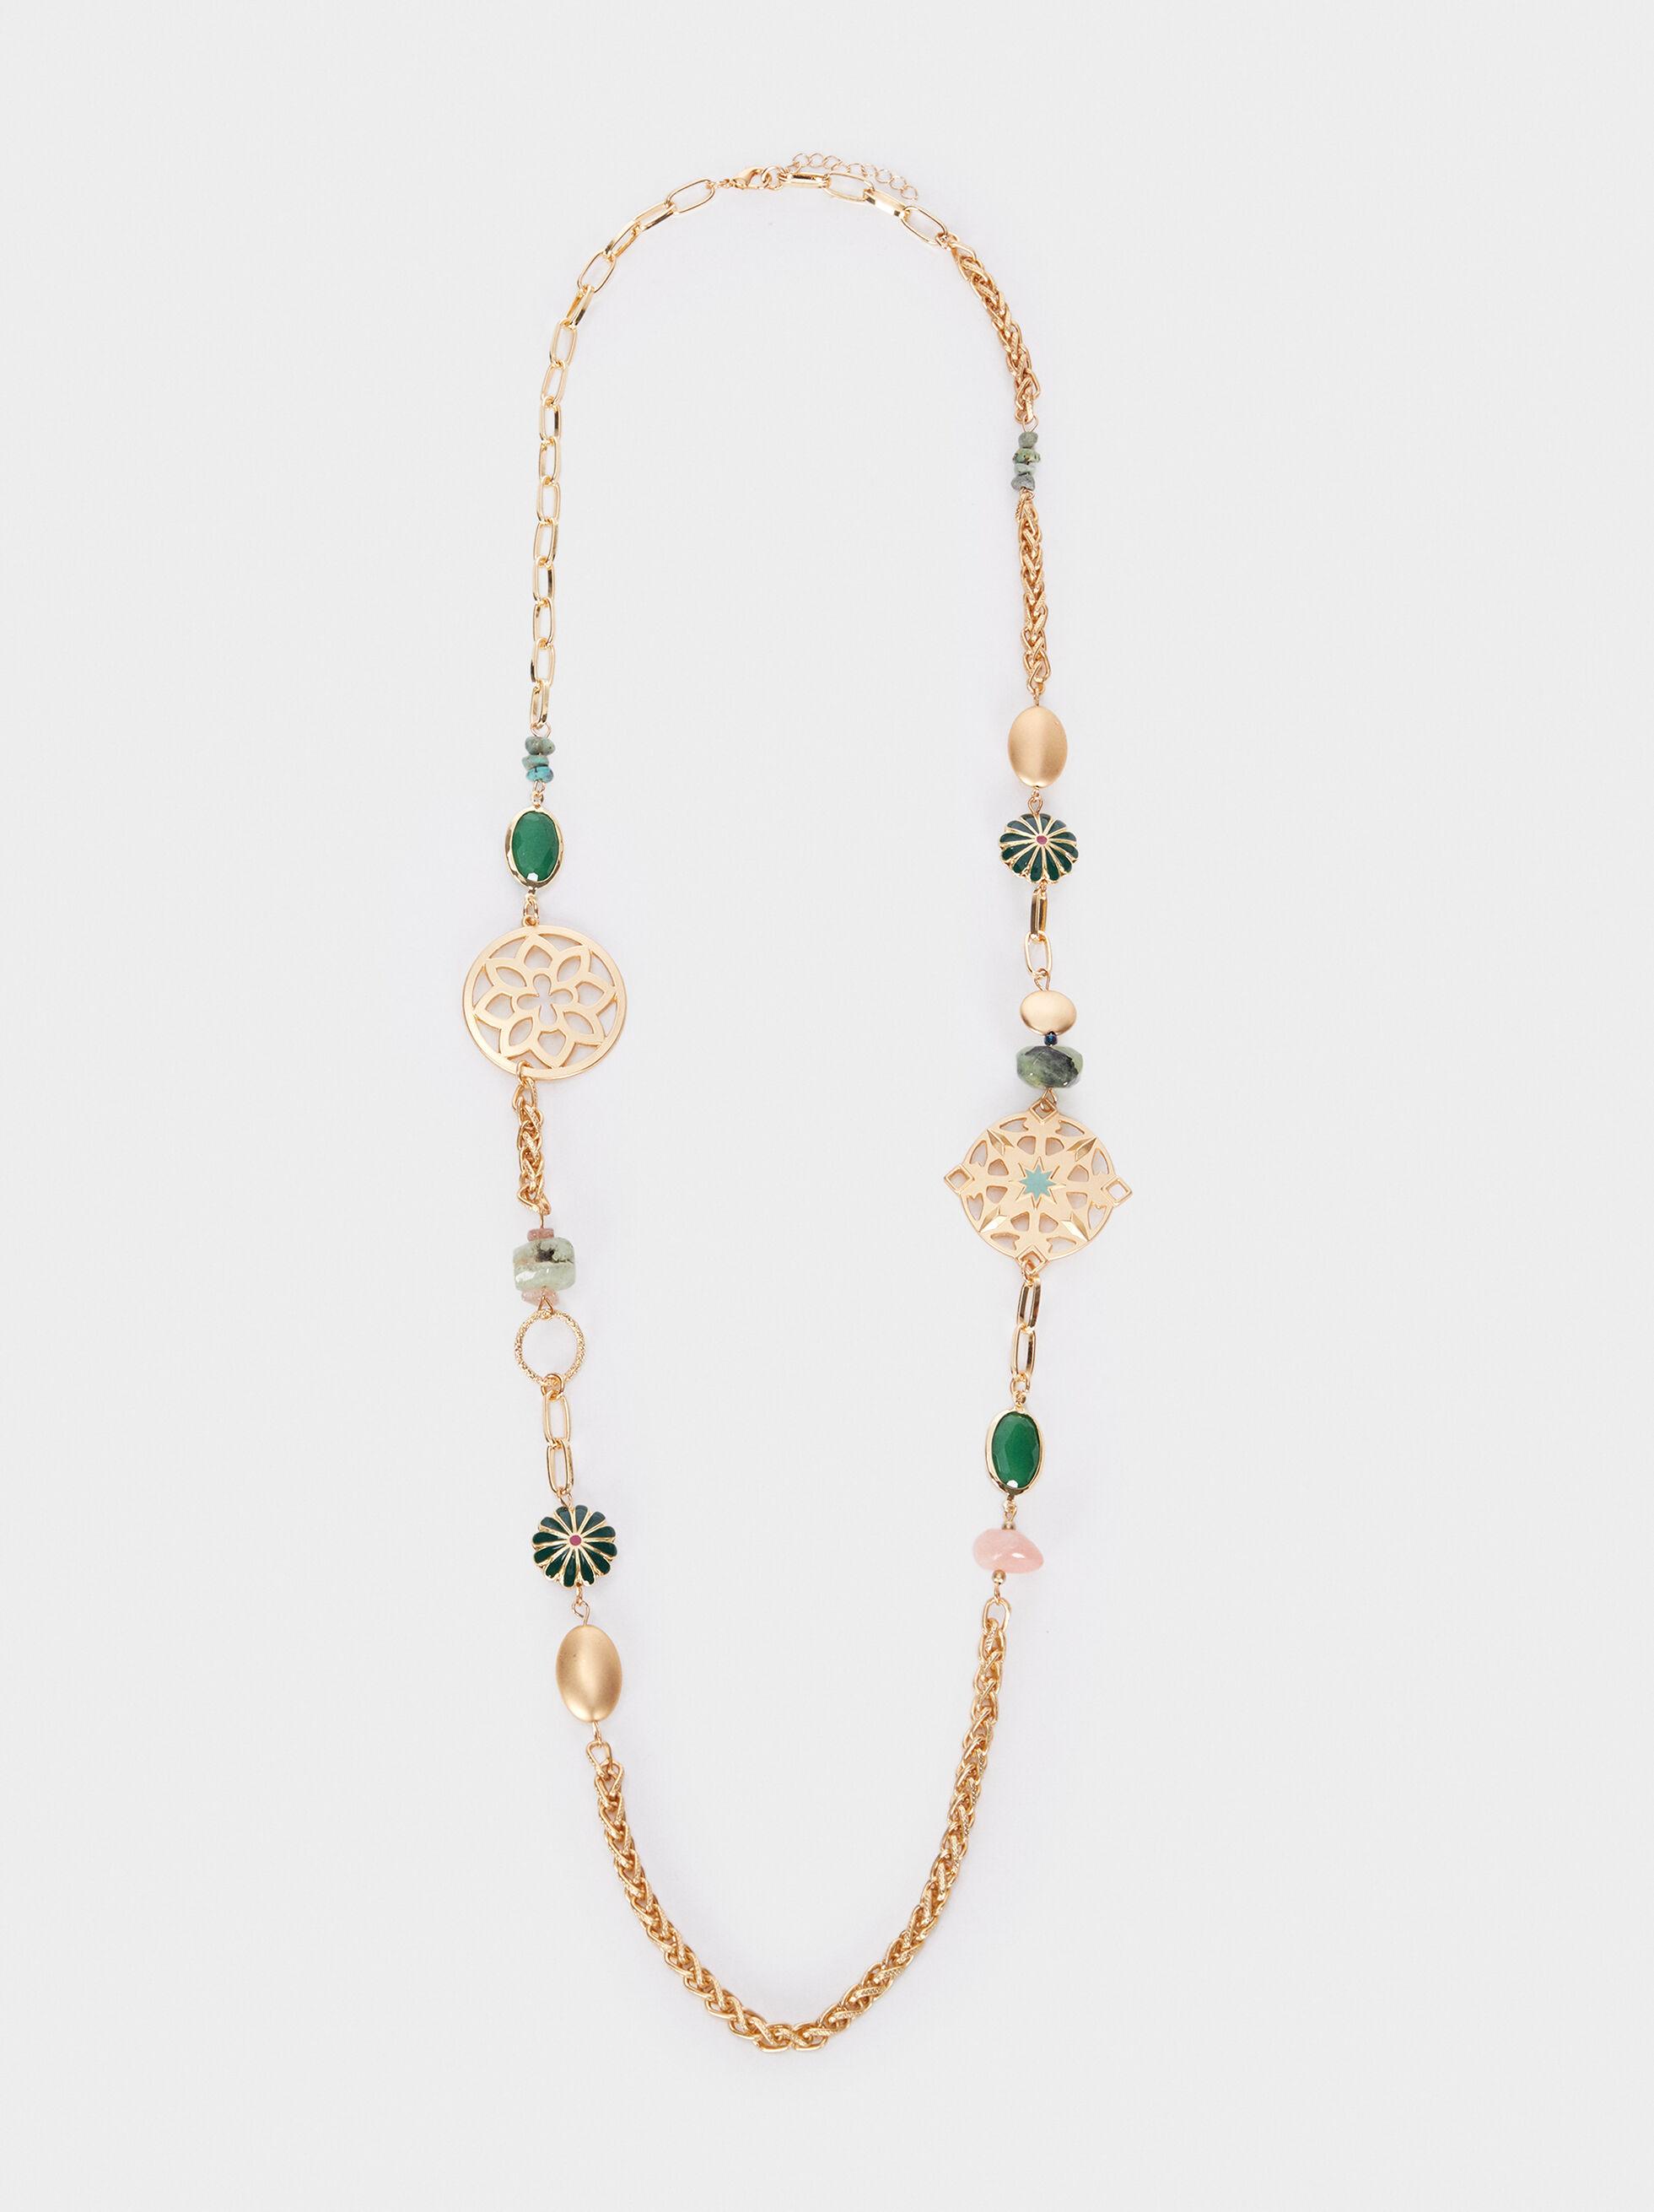 Collier Long Avec Pierres Et Perles Fantaisie Dorées, Multicolore, hi-res